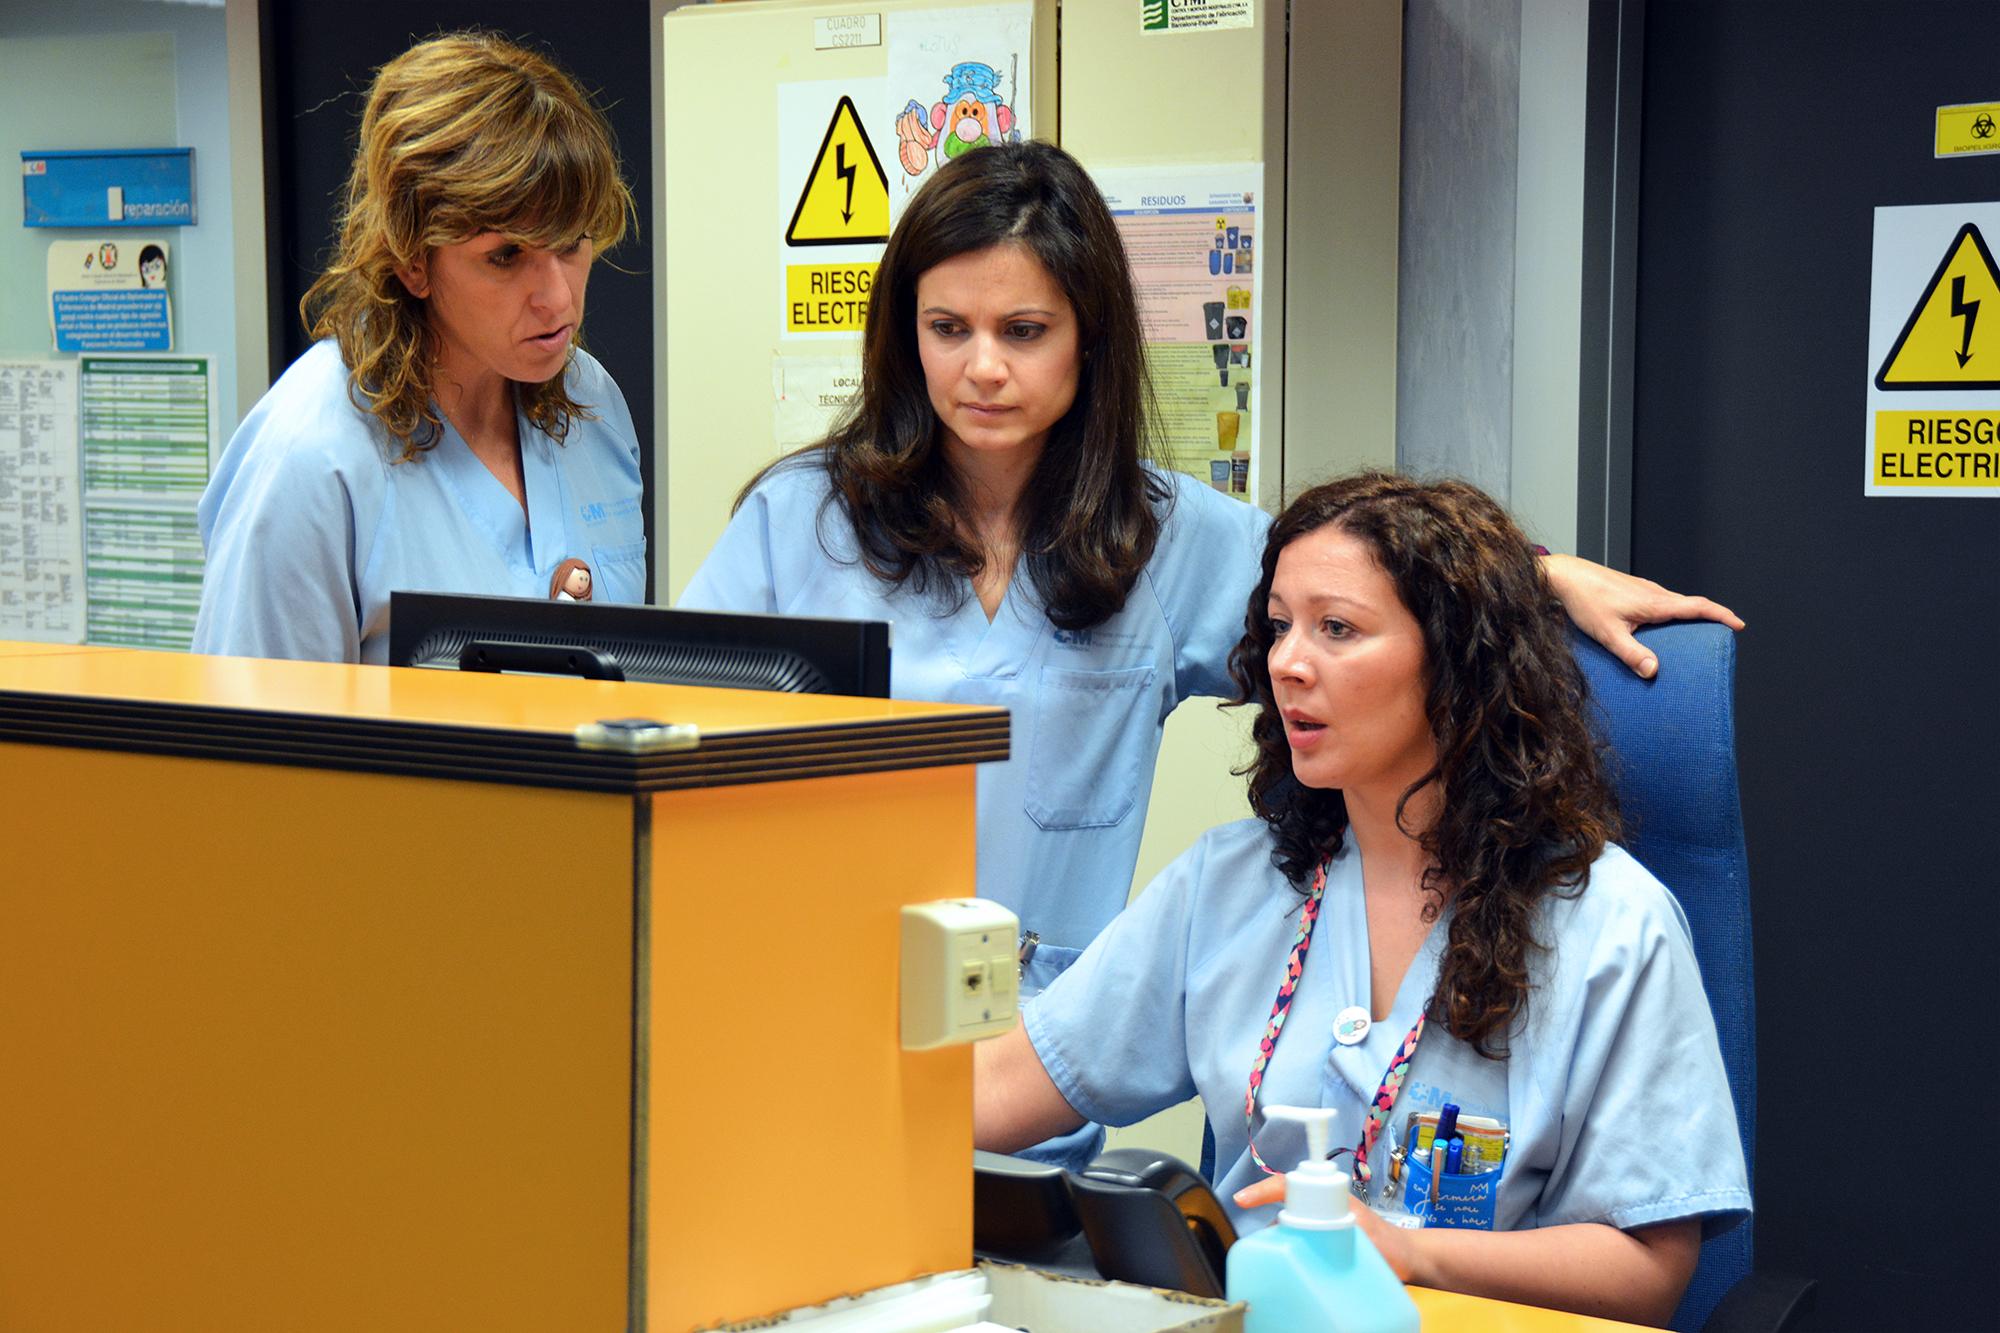 La enfermería ayuda a reducir la ansiedad prequirúrgica